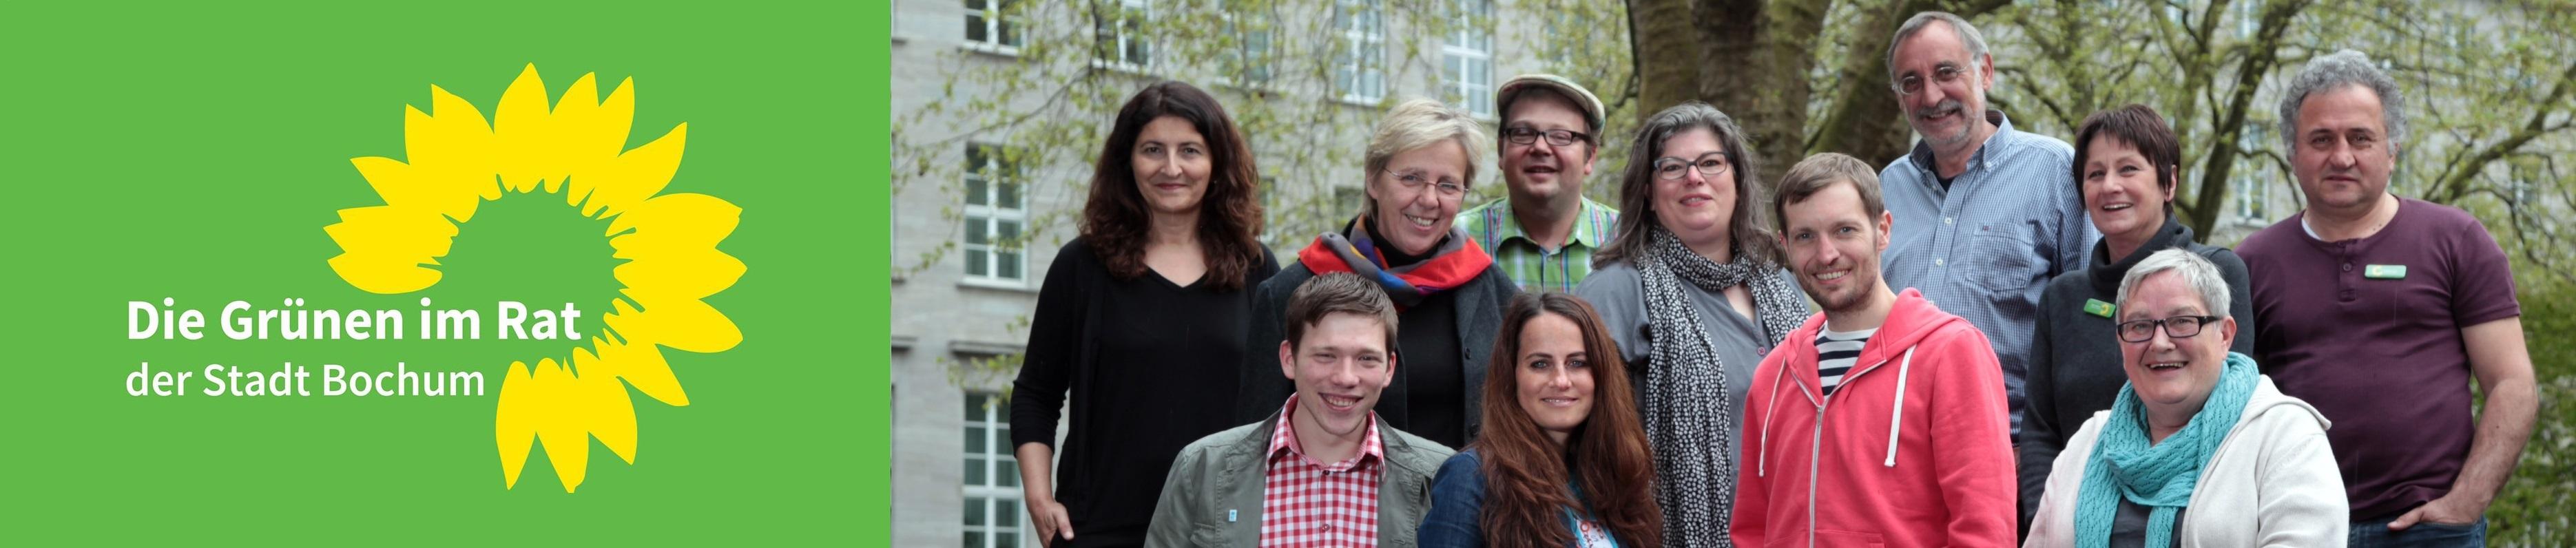 Gruene im Rat der Stadt Bochum